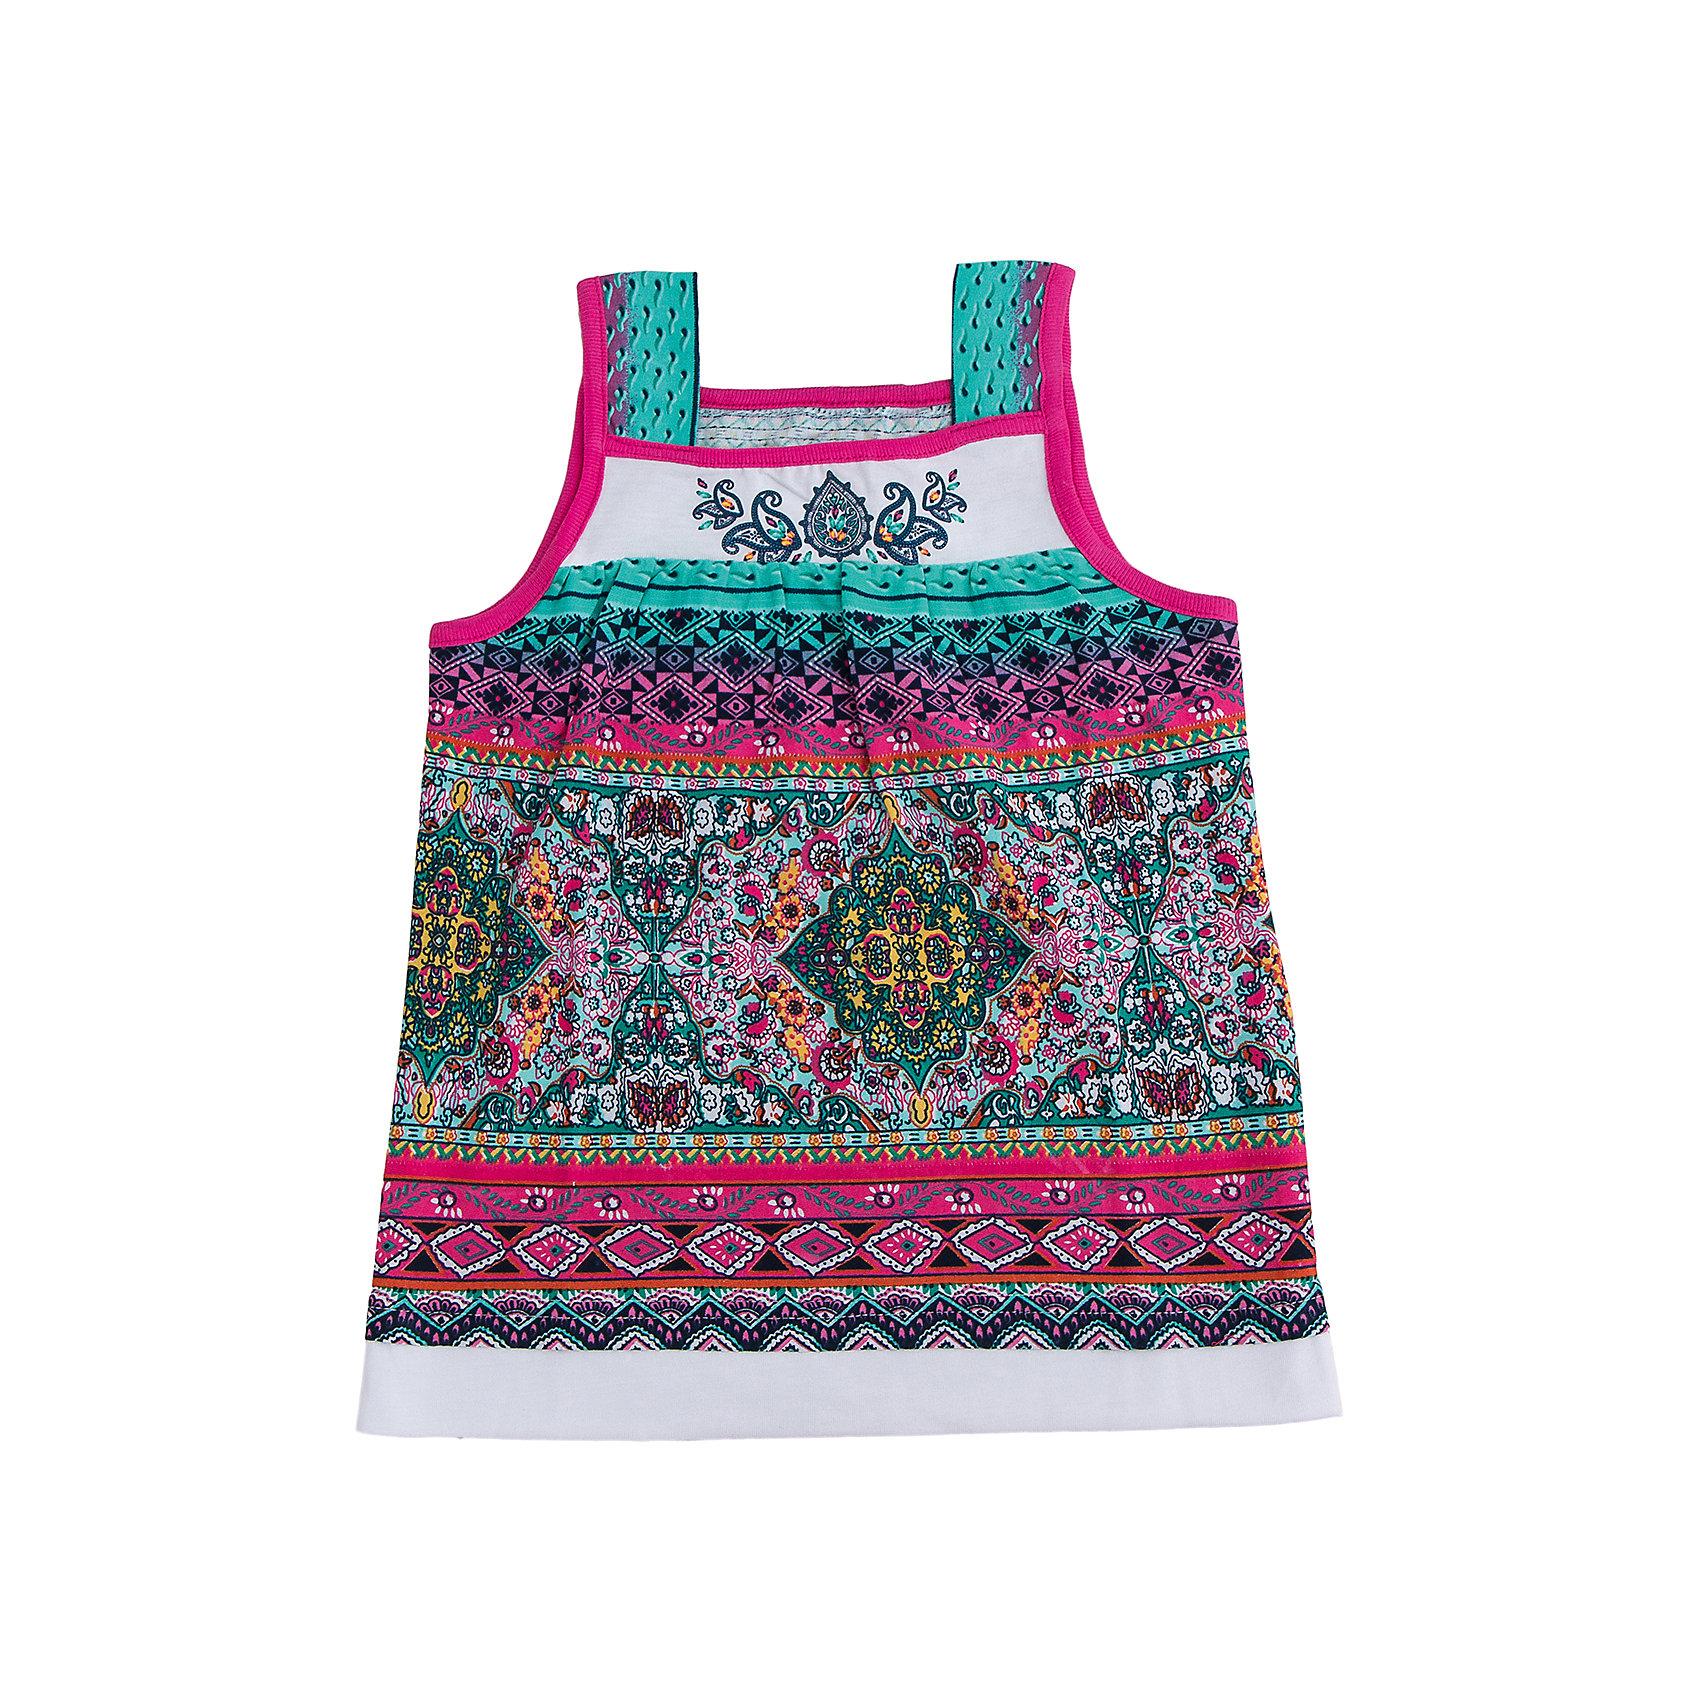 Майка для девочки АпрельФутболки, поло и топы<br>При выборе одежды для маленьких принцесс родители обращают внимание не только на качество, но и на привлекательный внешний вид.<br>Джемпер коллекции Шелковый путь от торговой марки Апрель — это  модель, которая изготовлена из безопасных материалов и имеет необходимые сертификаты качества, скроена с учётом всех важных особенностей строения детской фигуры, за счёт чего обеспечивает исключительный комфорт, отличается дизайном, который определённо понравится девочке. Топ без рукавов, обрамлен контрастной окантовкой, украшен дизайнерским принтом и набивкой. Прекрасный вариант для прогулки! Джемпер Шелковый путь можно сочетать с леггинсами из одноименной коллекции.<br><br>Дополнительная информация: <br><br>- материал: хлопок 100%, кулирка<br>- длина рукава: без рукавов<br>- вид бретелек: широкие бретельки<br>- длина изделия: по спинке: 40 см<br>- вид застежки: без застежки<br>- фактура материала: трикотажный<br>- по назначению: повседневный стиль<br>- сезон: лето<br>- пол: девочки<br>- комплектация: джемпер<br>- торговая марка: Апрель<br>- страна производитель: Россия<br>- коллекция: Шелковый путь<br><br>Джемпер коллекции Шелковый путь от торговой марки Апрель можно купить в нашем интернет-магазине.<br><br>Ширина мм: 190<br>Глубина мм: 74<br>Высота мм: 229<br>Вес г: 236<br>Цвет: бирюзовый<br>Возраст от месяцев: 96<br>Возраст до месяцев: 108<br>Пол: Женский<br>Возраст: Детский<br>Размер: 134,122,110,116,128,140<br>SKU: 4630392